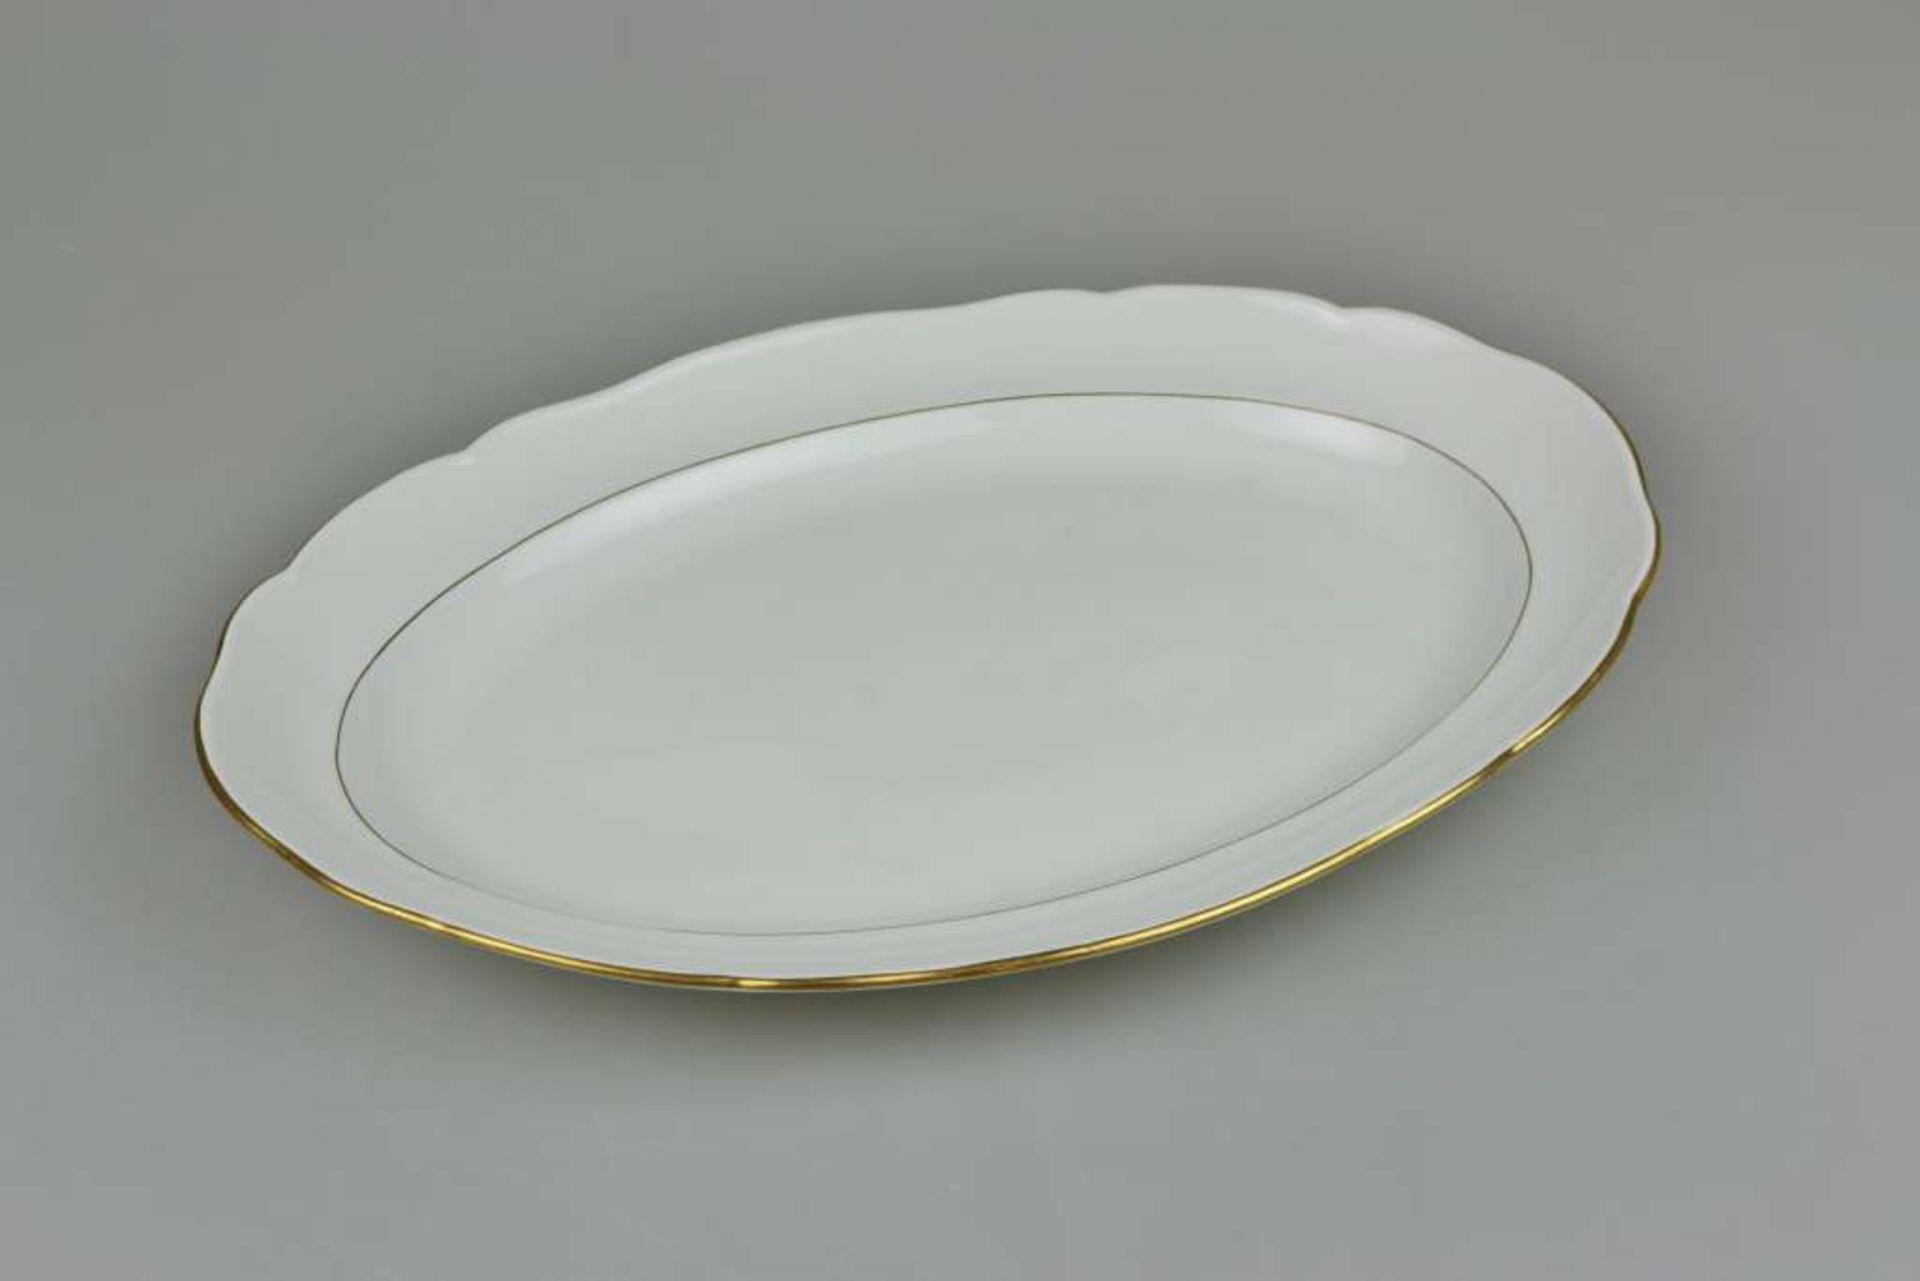 Meissen, große Vorlegeplatte 'Neuer Ausschnitt', um 1900, Weißporzellan glasiert mit Goldrand